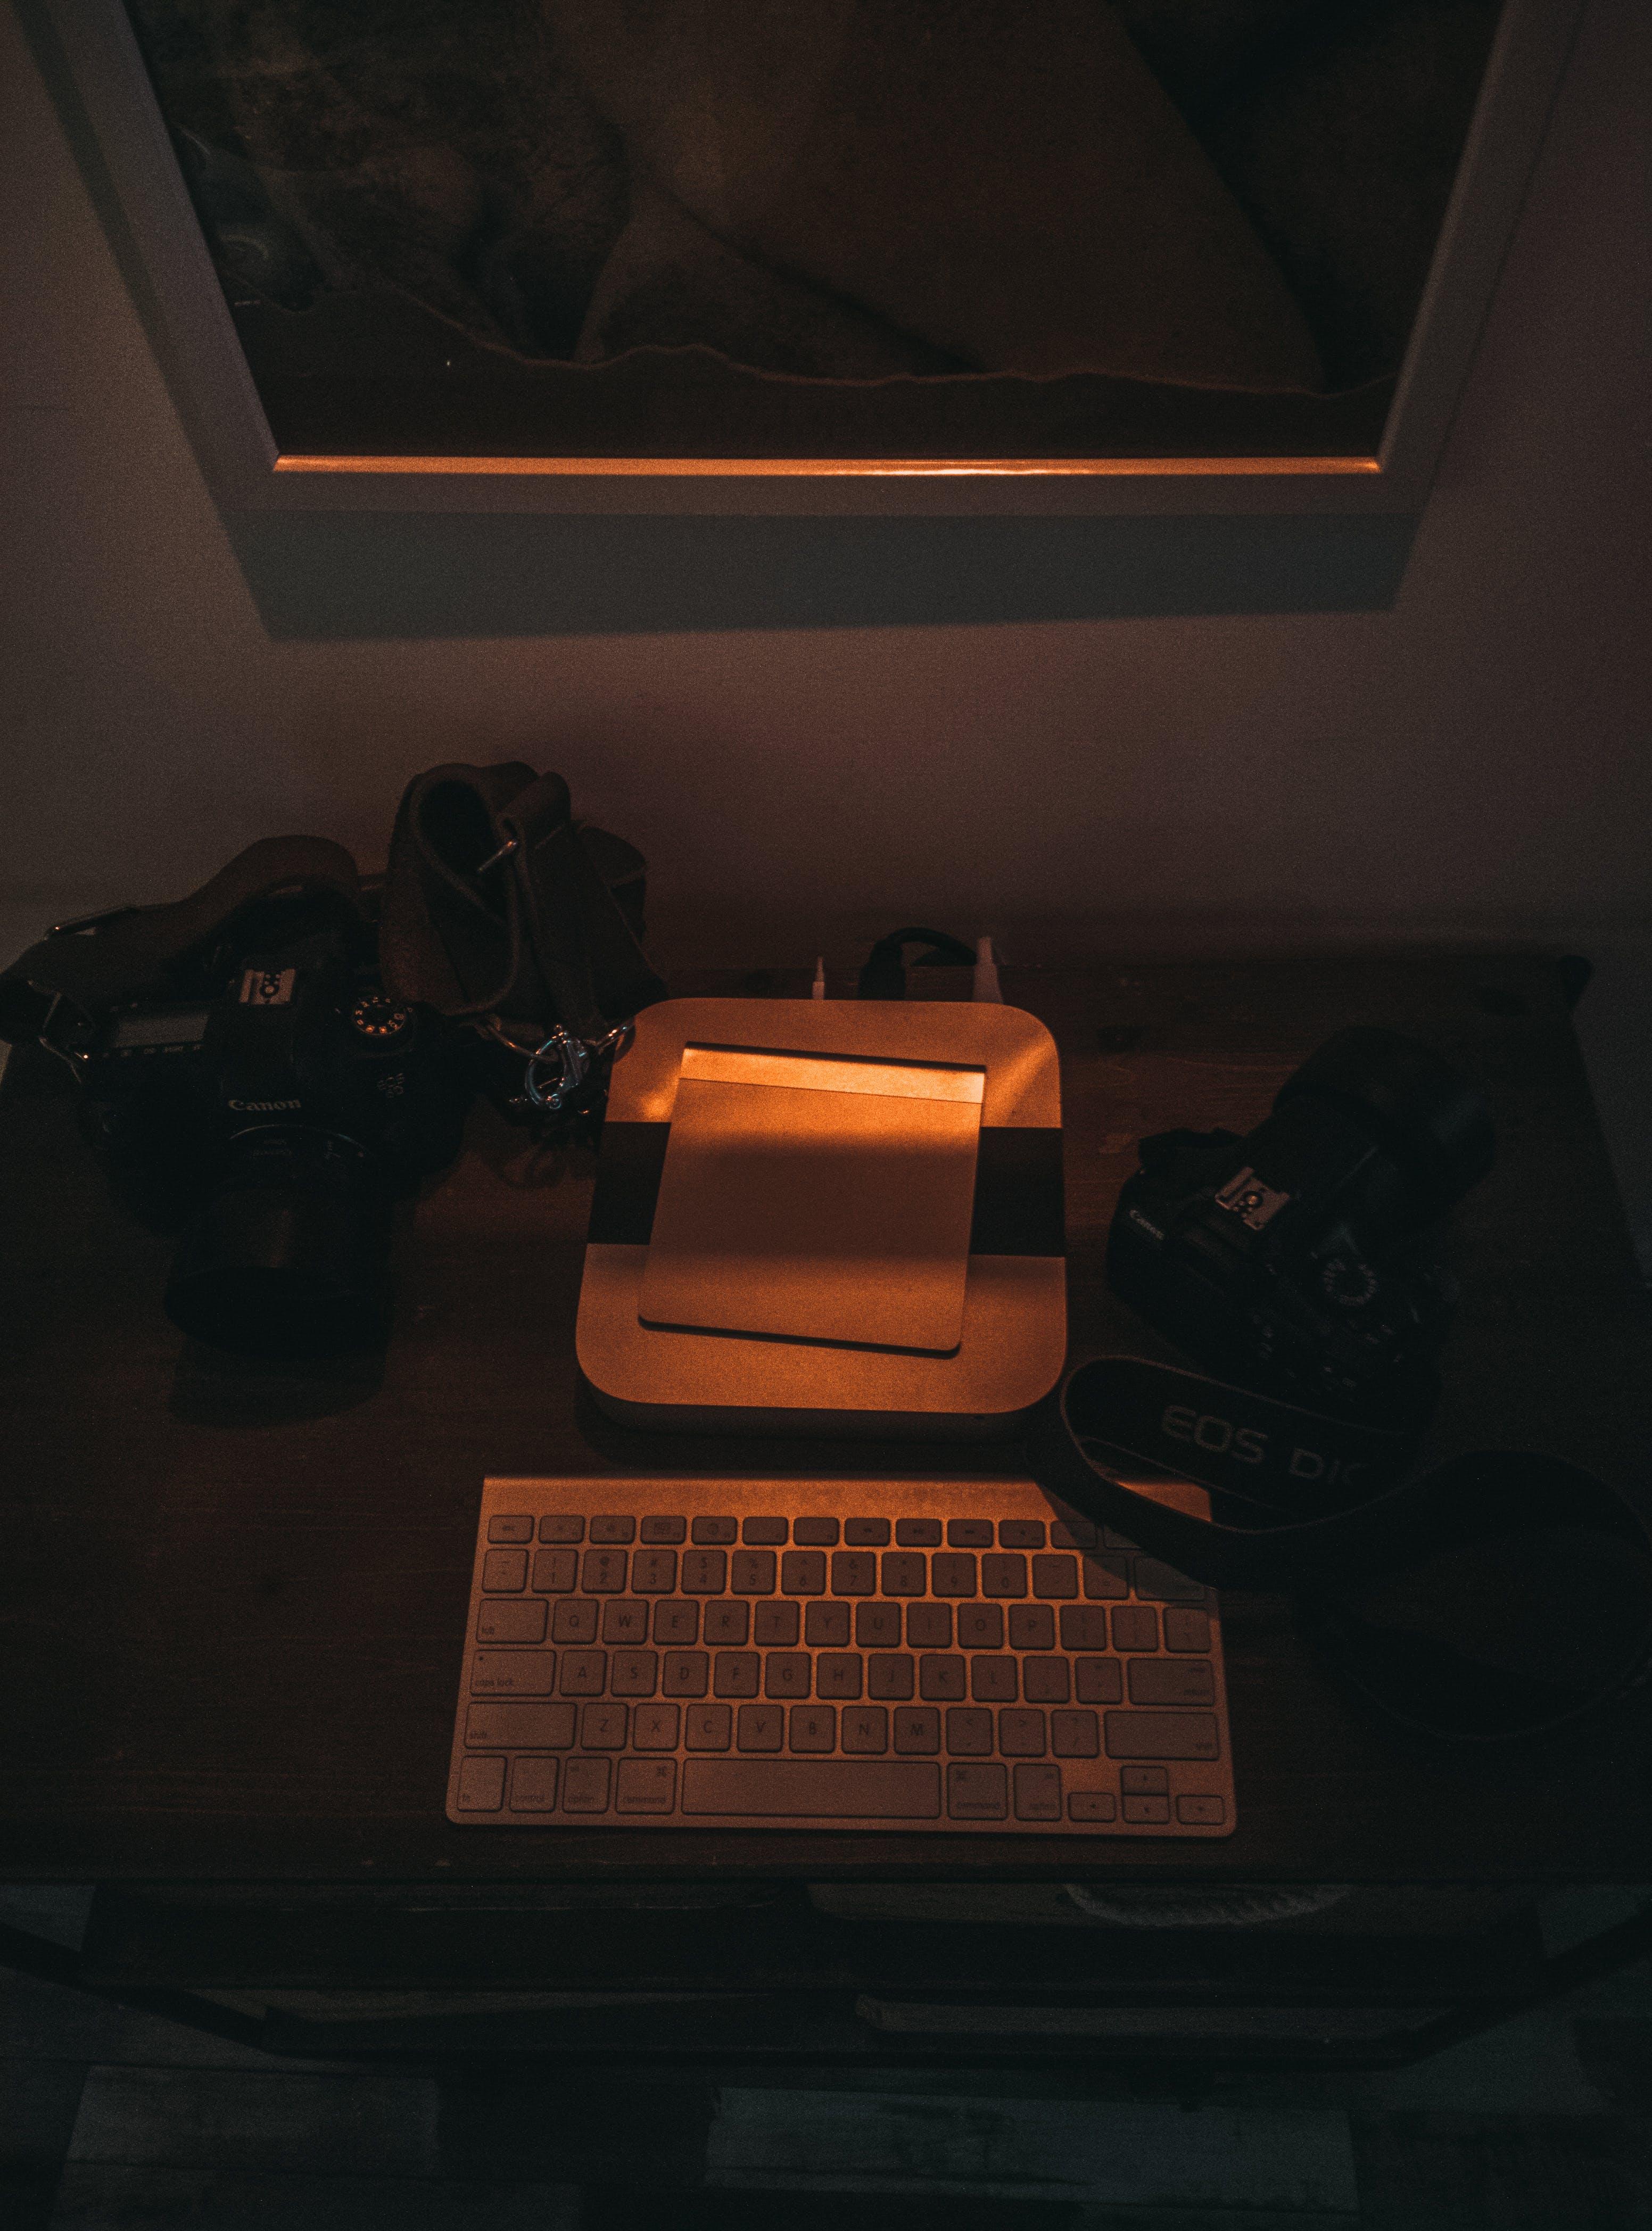 Δωρεάν στοκ φωτογραφιών με γραφείο, κάμερα, κίτρινη, σκοτάδι